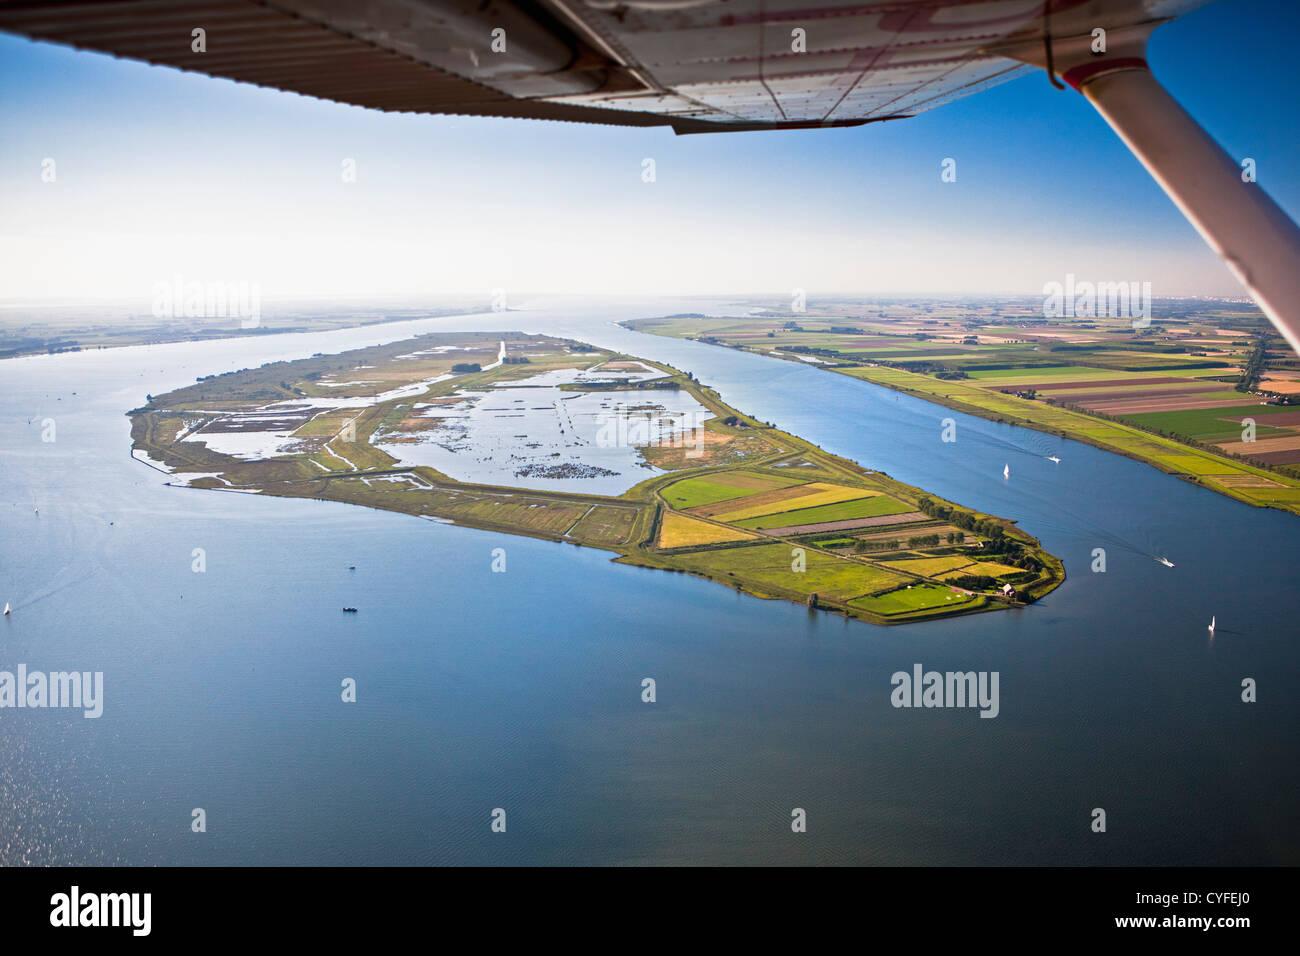 The Netherlands, Korendijk, island of Tiengemeten, Aerial. - Stock Image